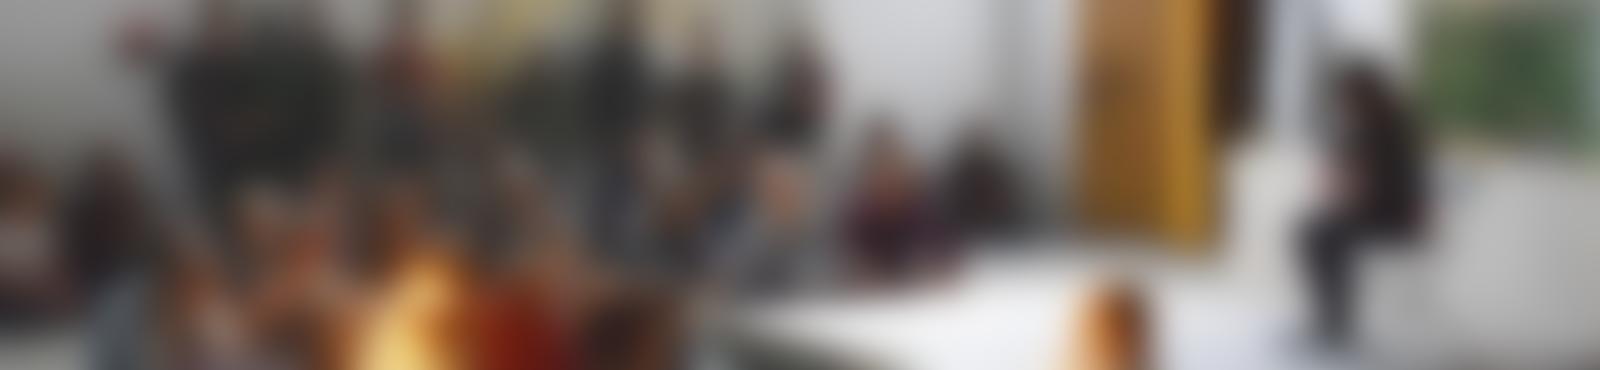 Blurred 96346498 7c84 43e2 b93d c4246b7d16a7